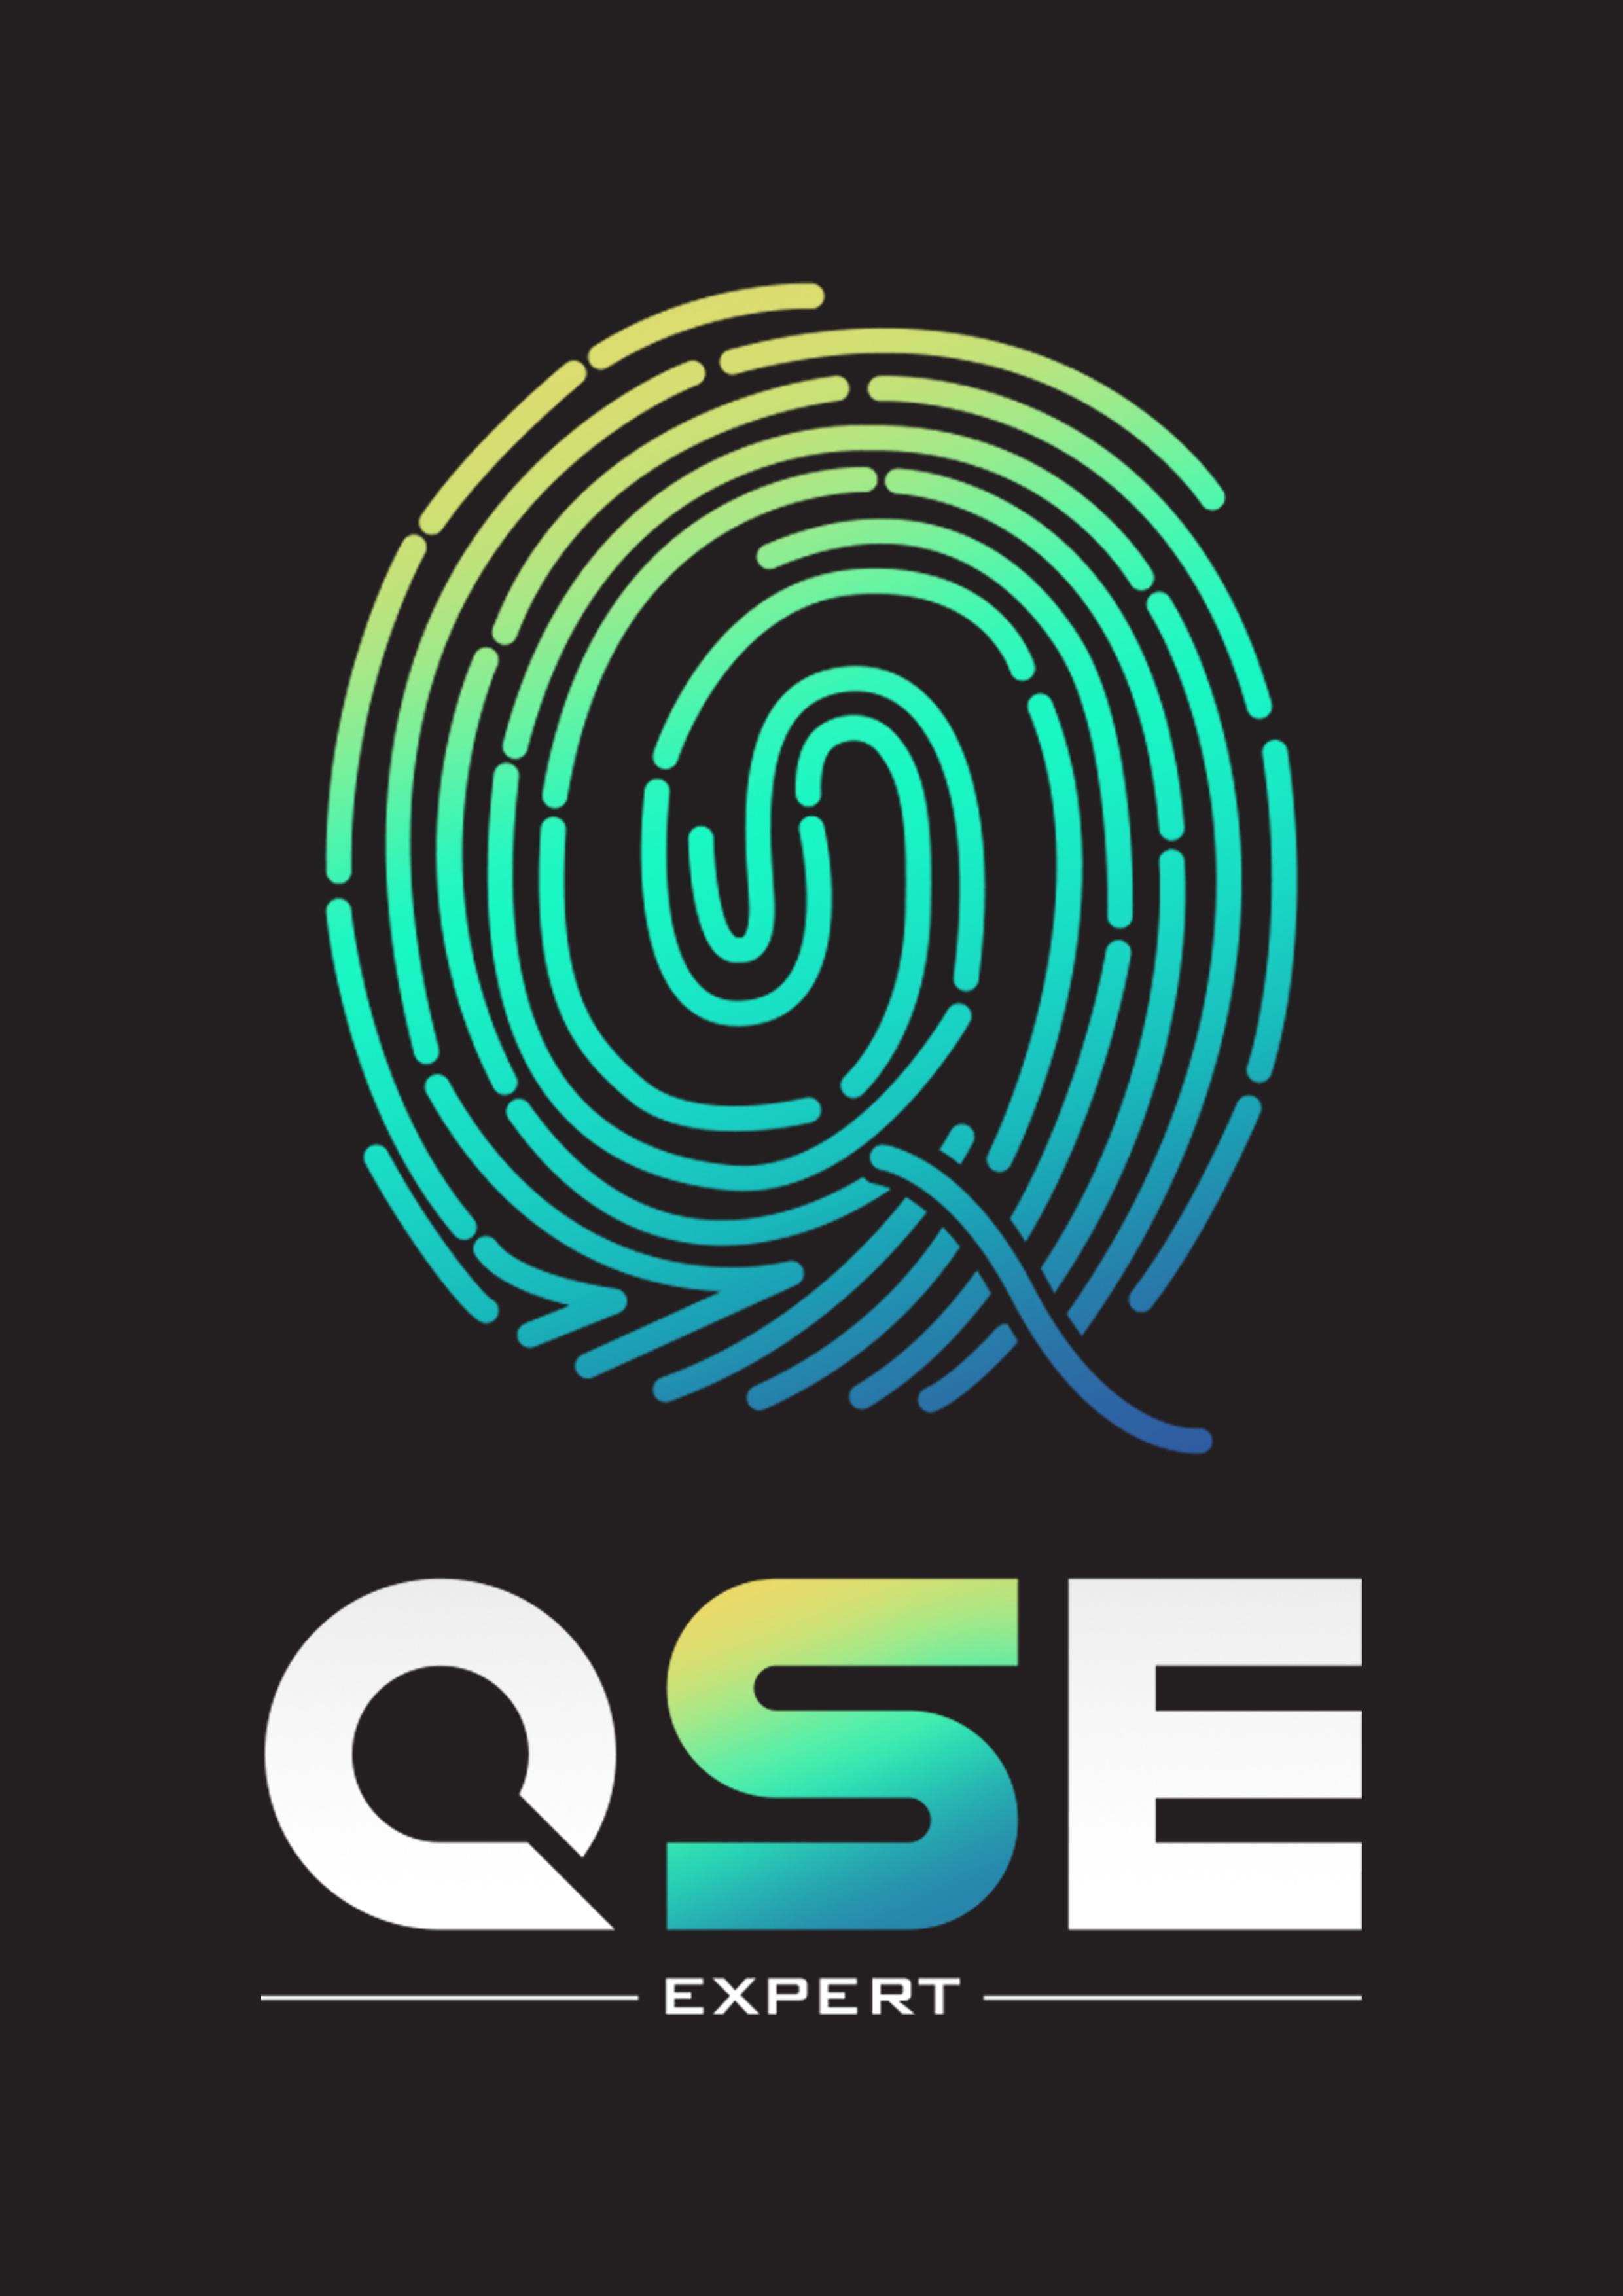 QSE EXPERT